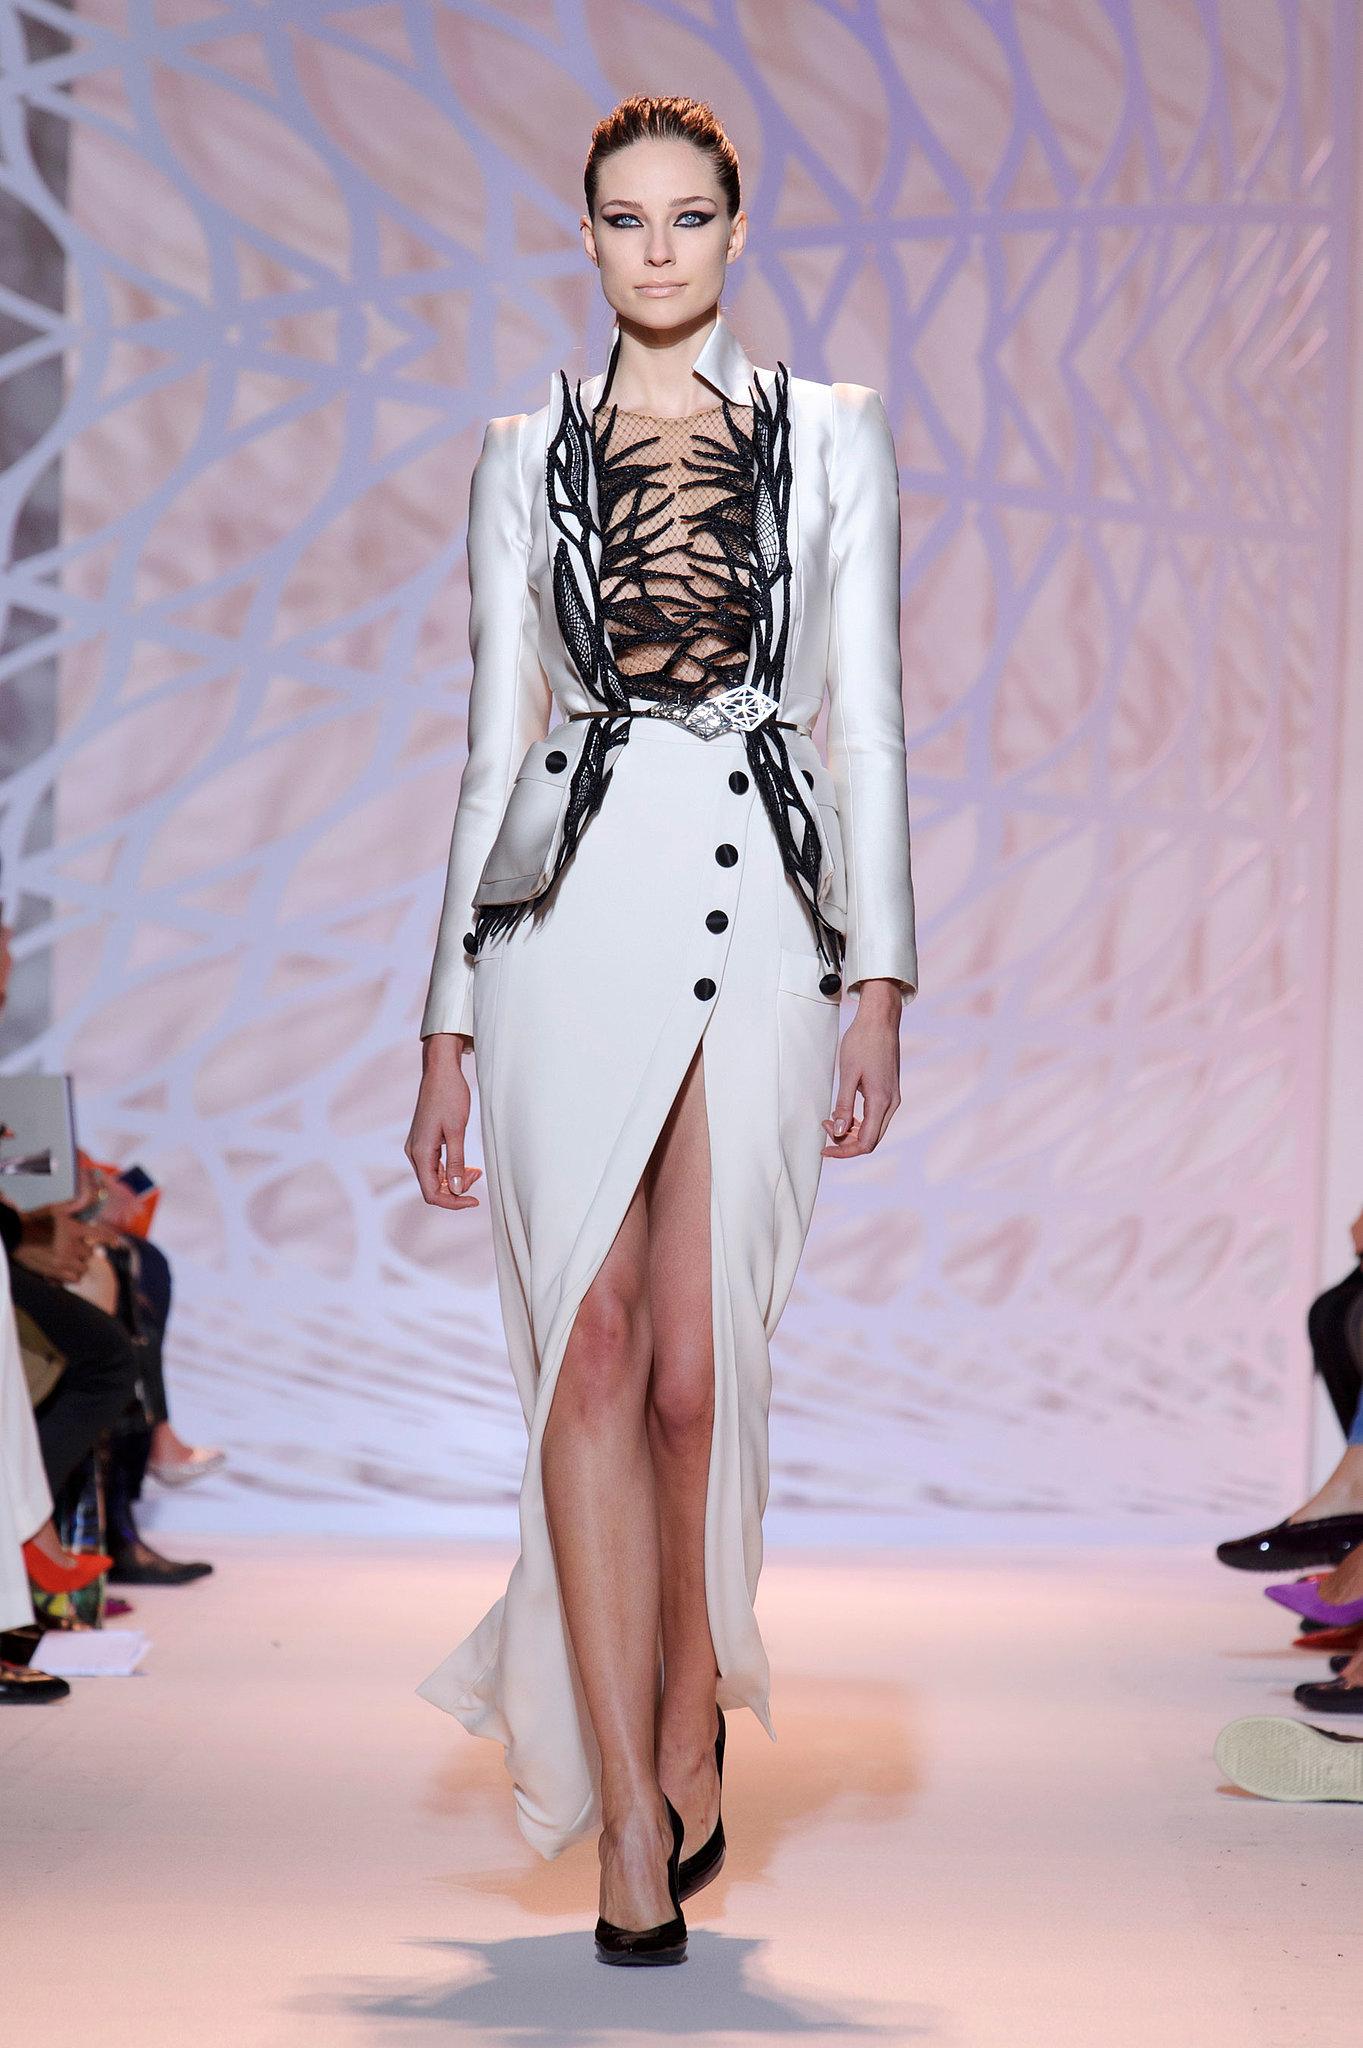 Gelin Zuhair Murad      n Haute Couture Fall 2014 koleksiyonundan    Zuhair Murad Haute Couture 2014